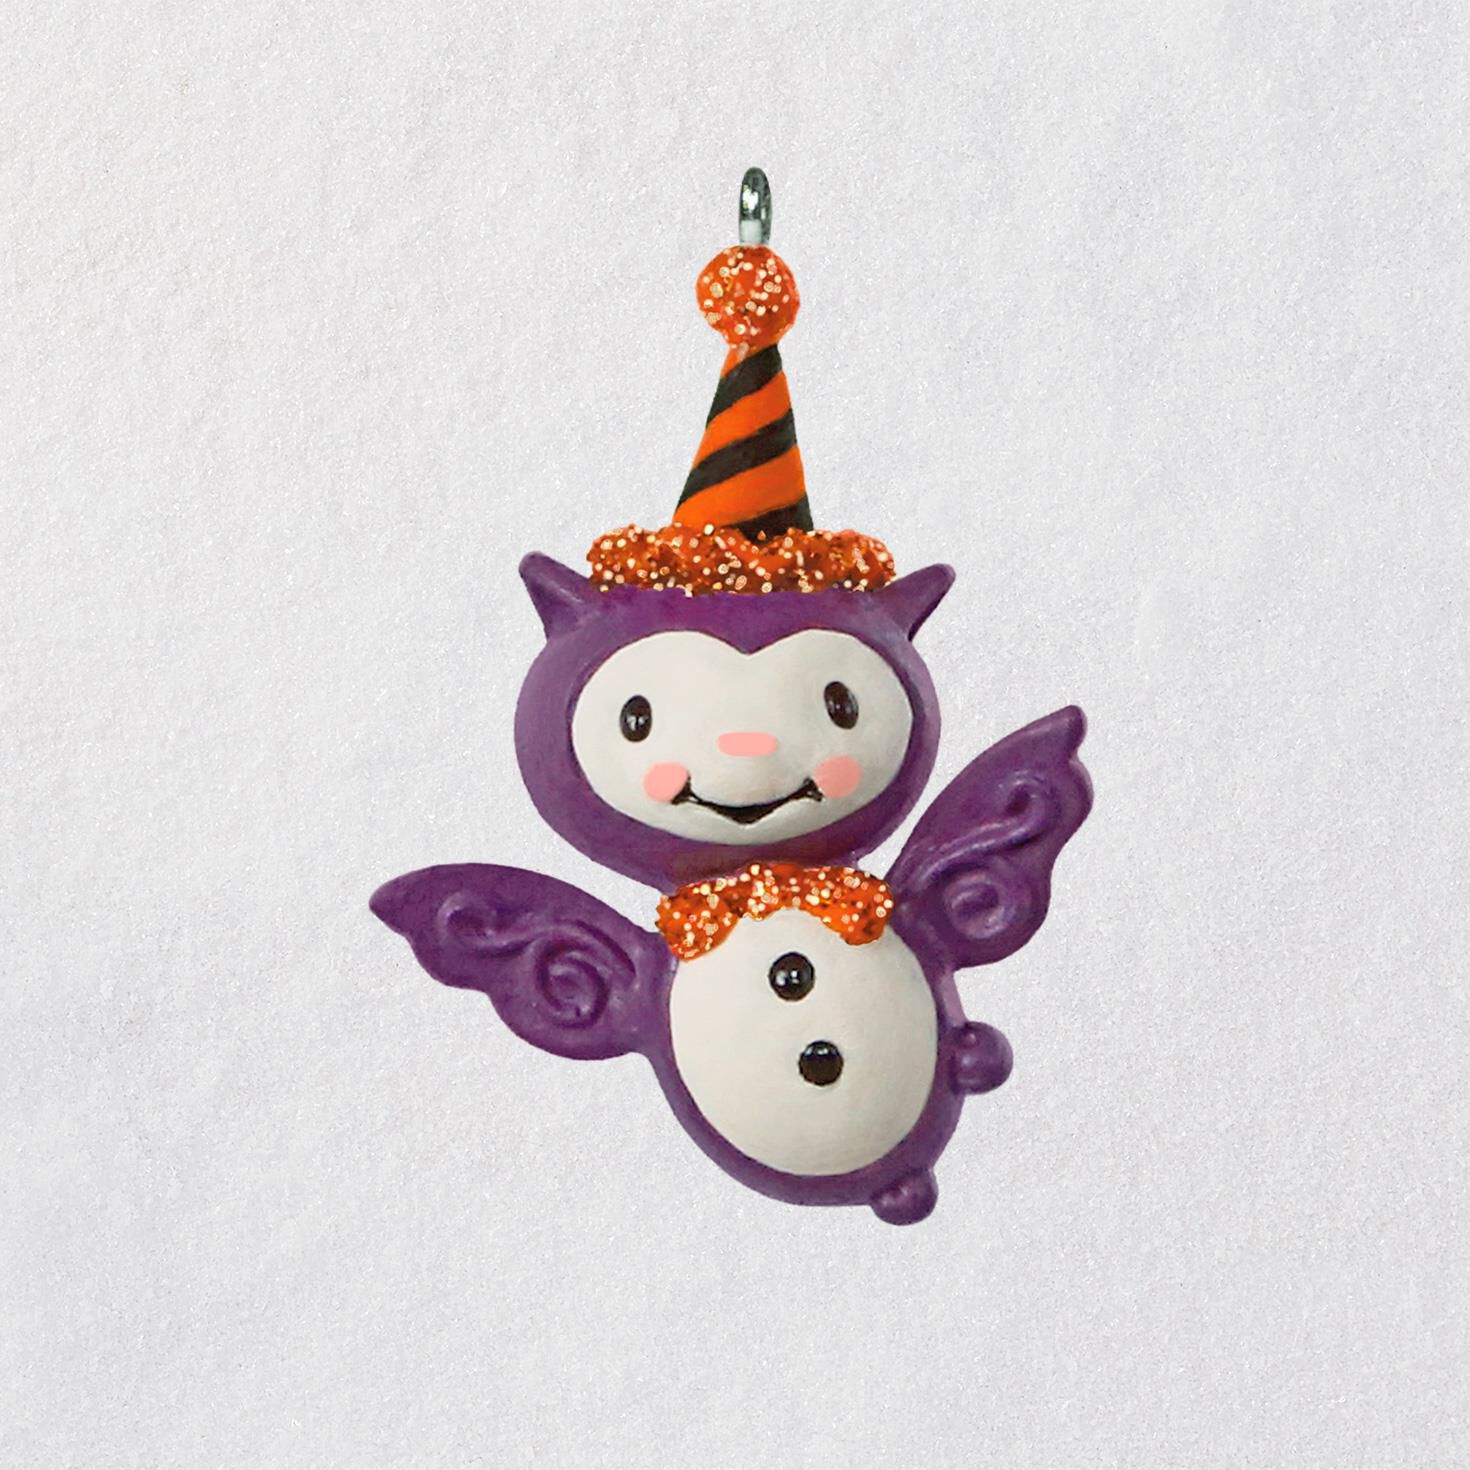 Mini Bitty Bat Halloween Ornament 141